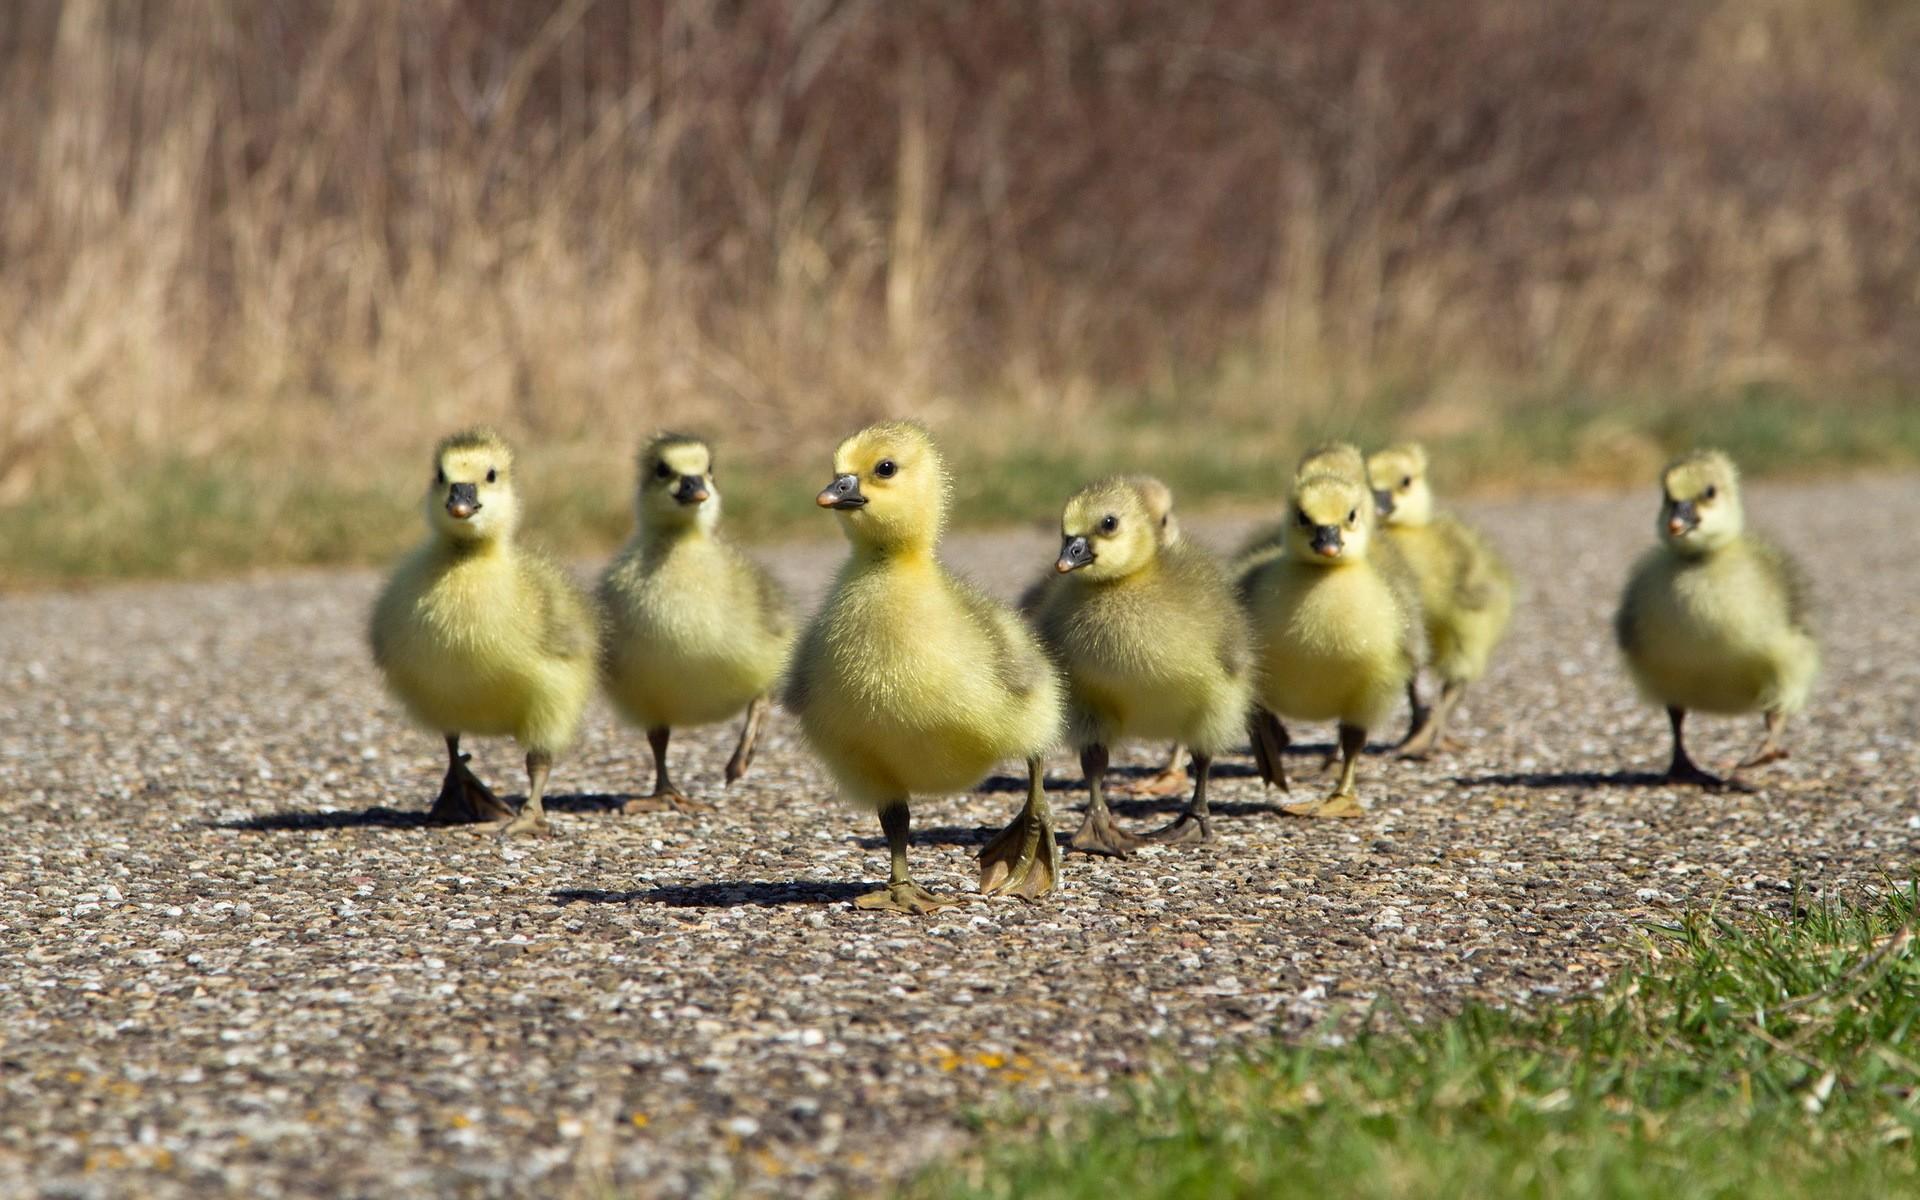 Familia de patos - 1920x1200